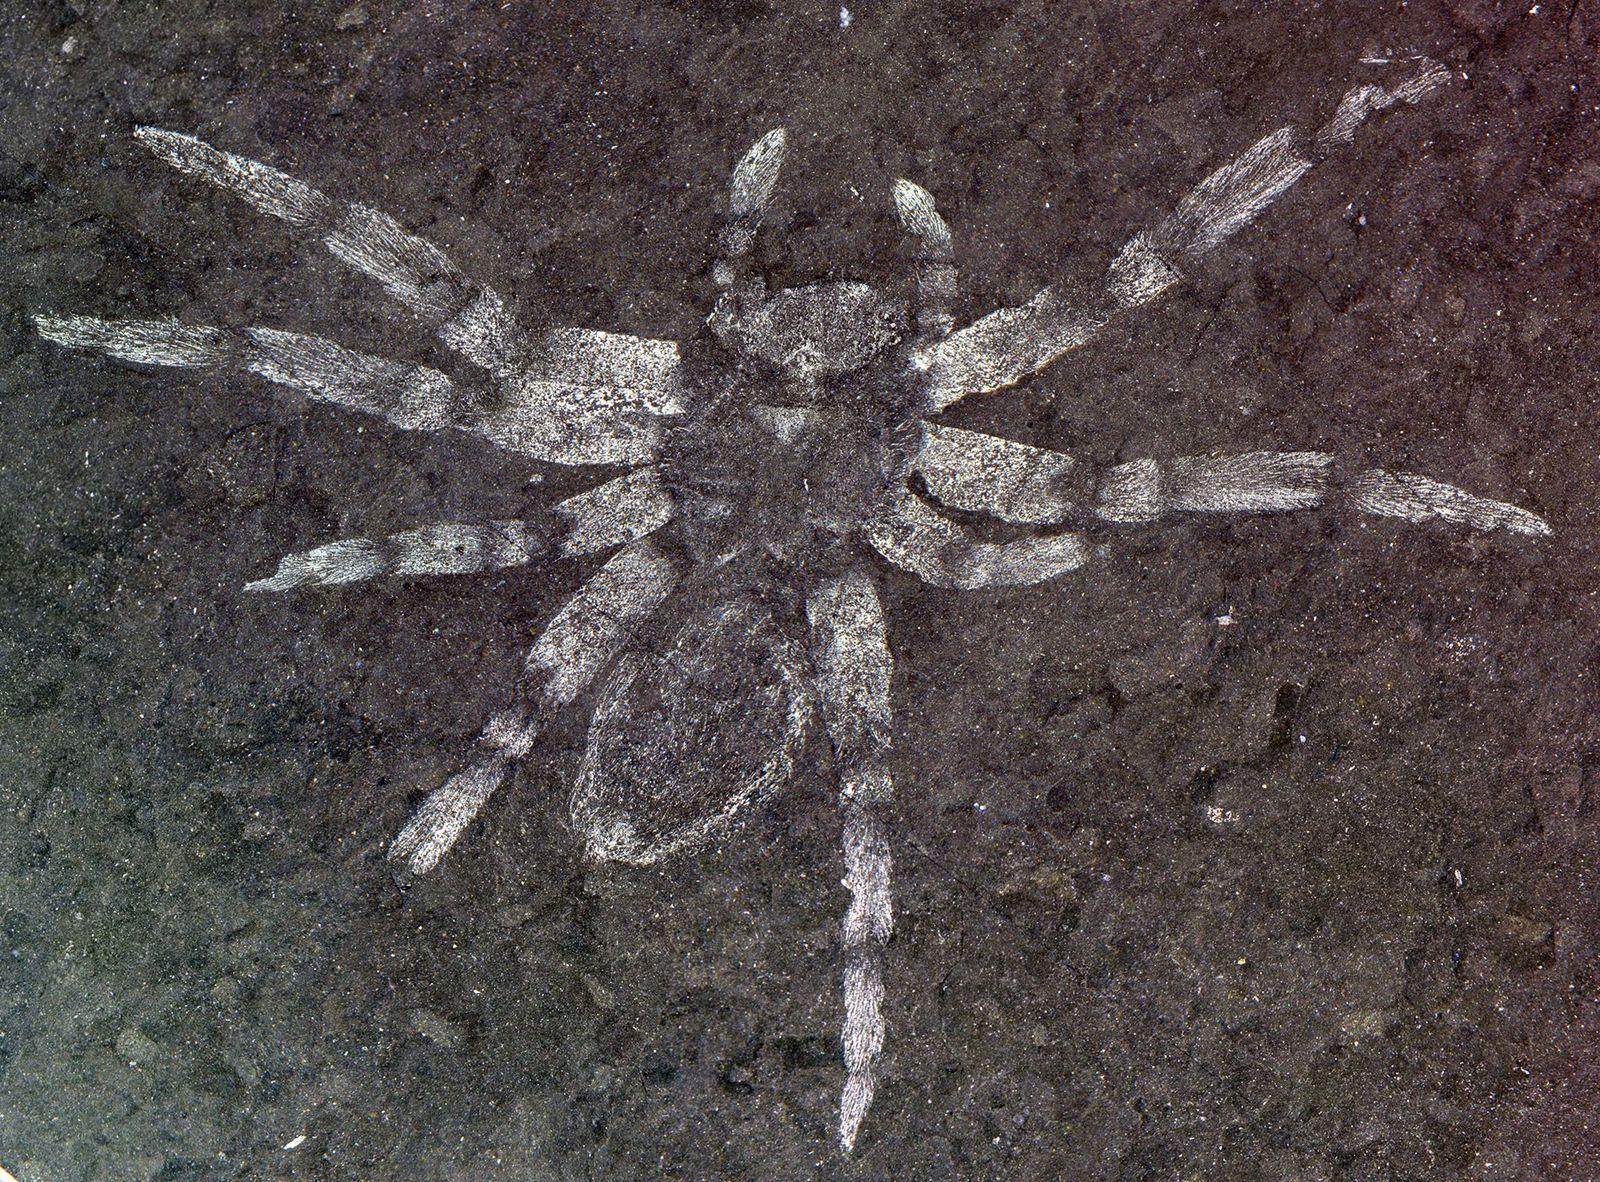 Fósseis de aranhas com olhos que 'brilham' foram recentemente encontrados na Coreia do Sul